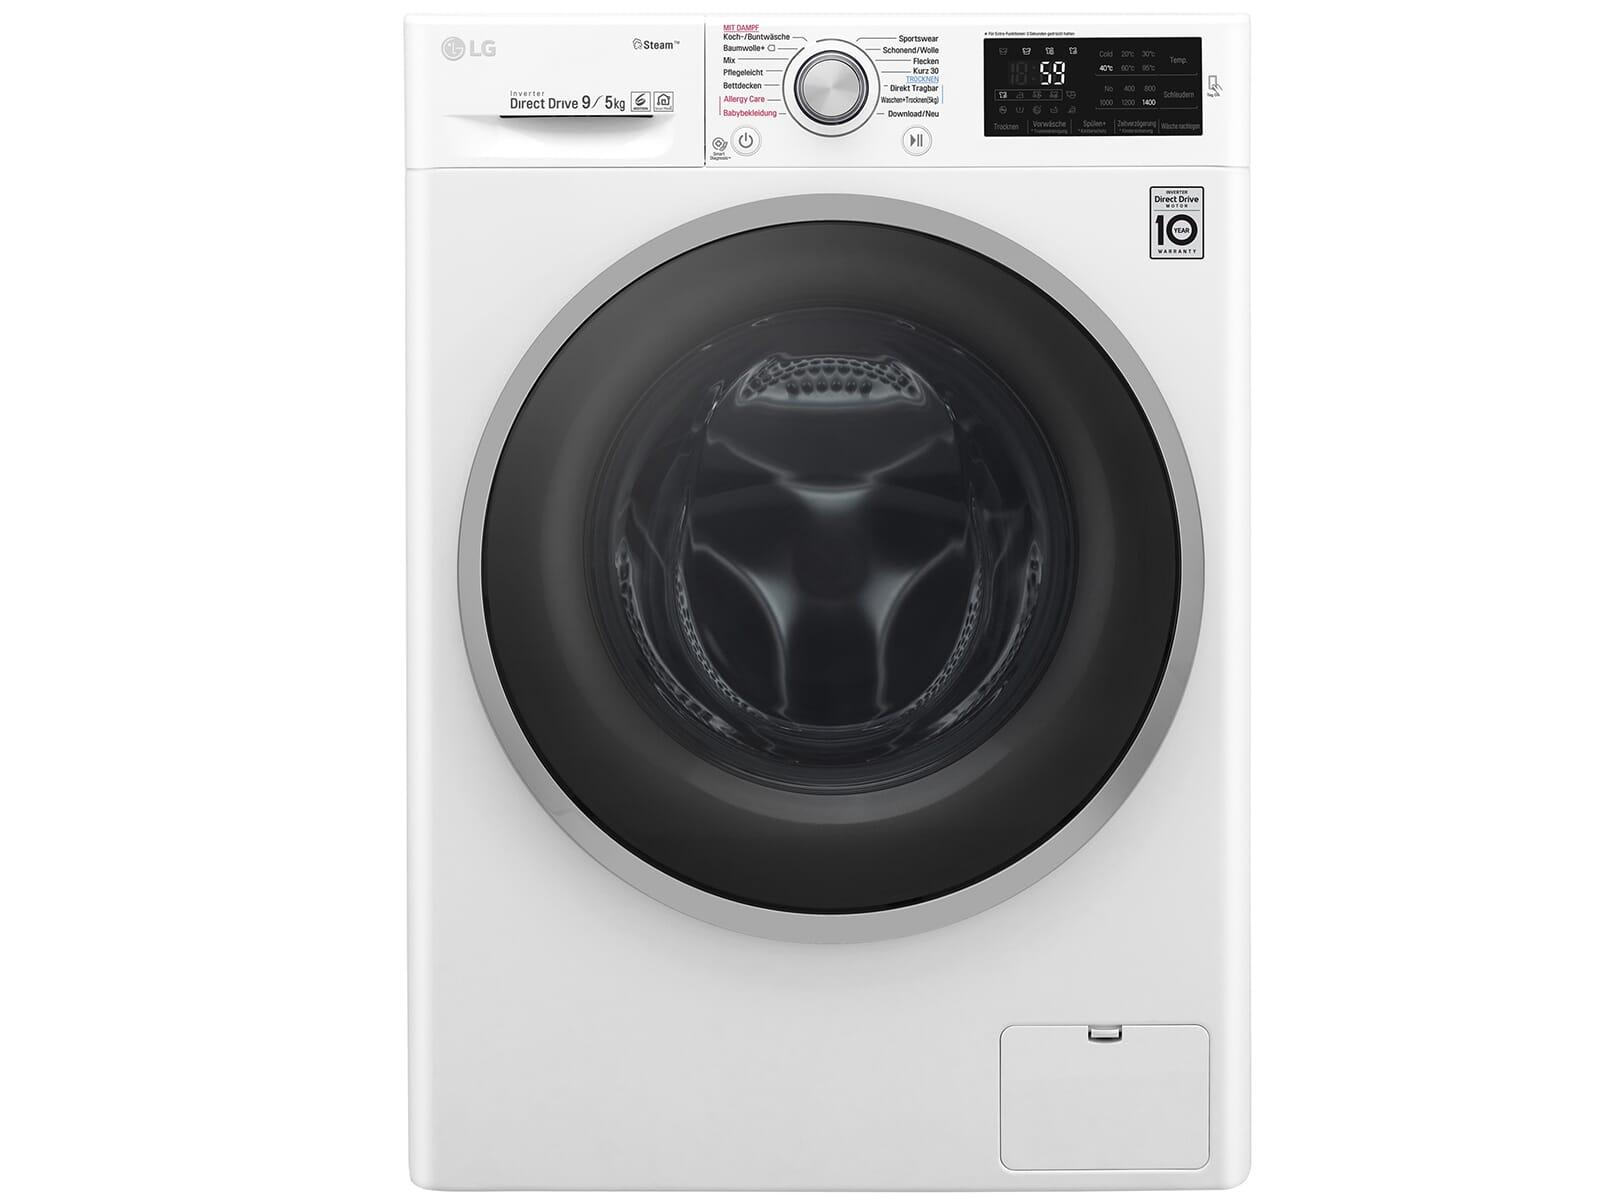 LG F 14WD 95TS1 Waschtrockner Weiß